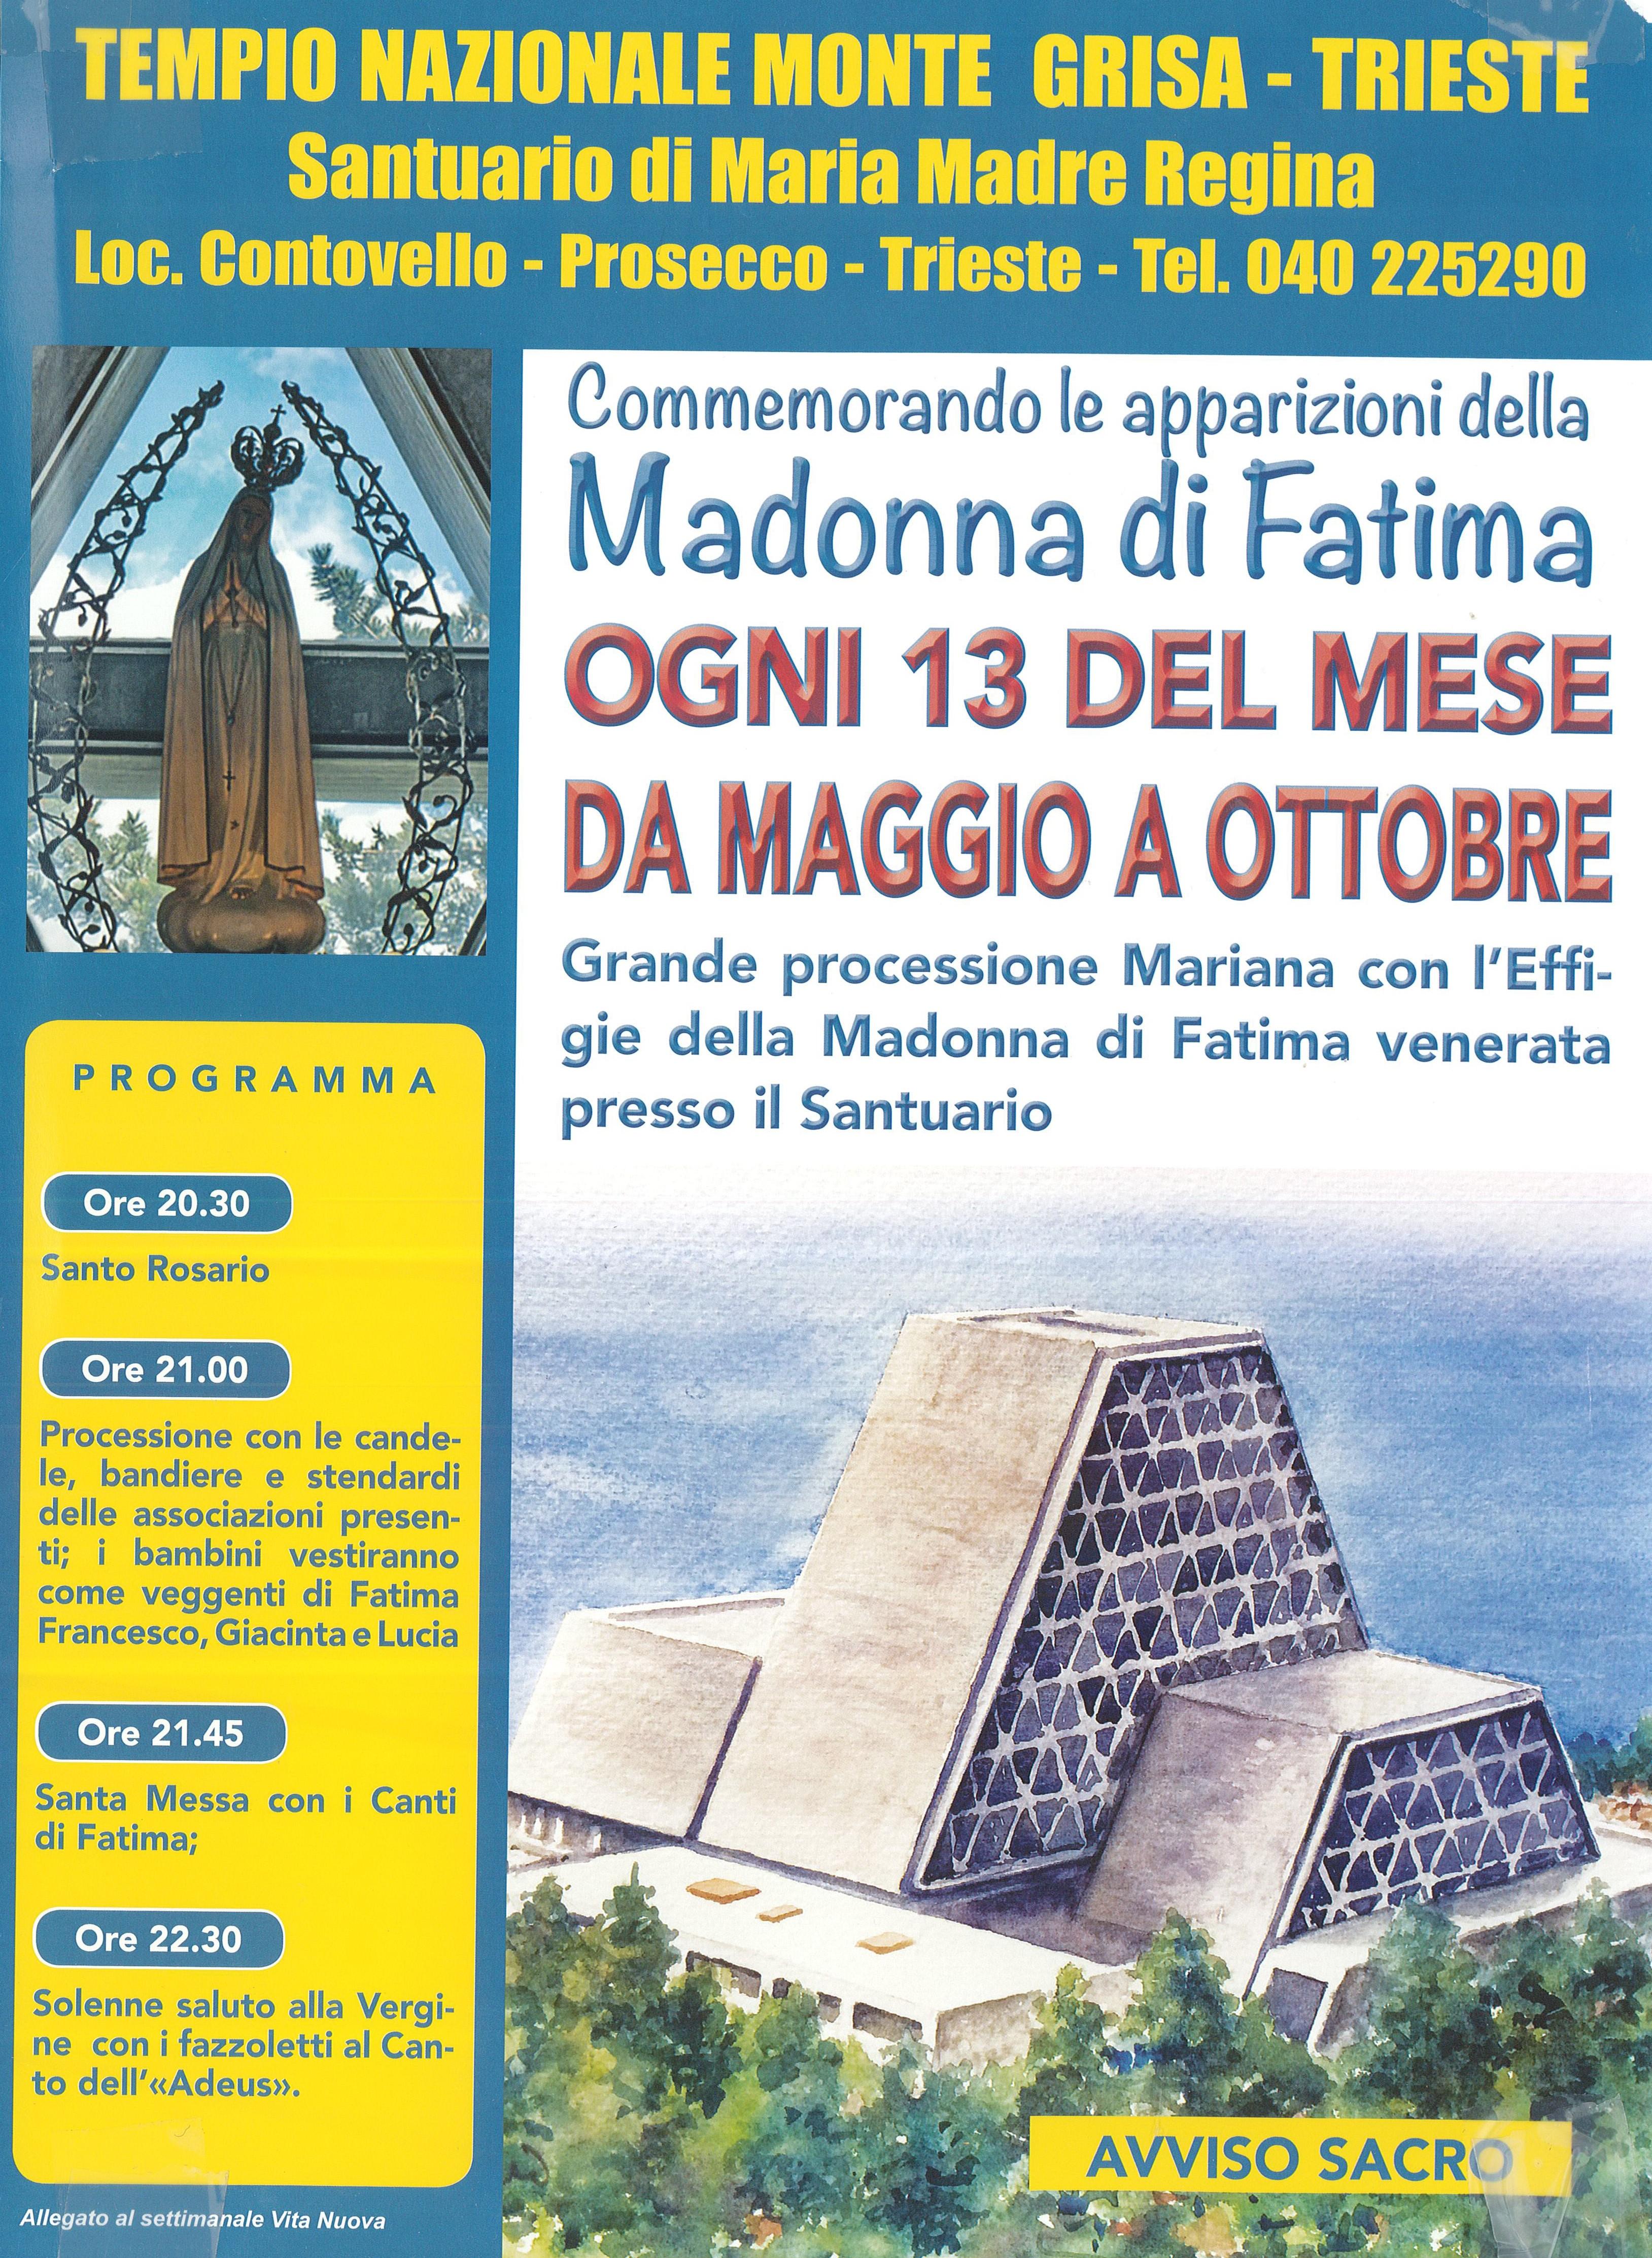 Commemorazione delle apparizioni delle Madonna di Fatima